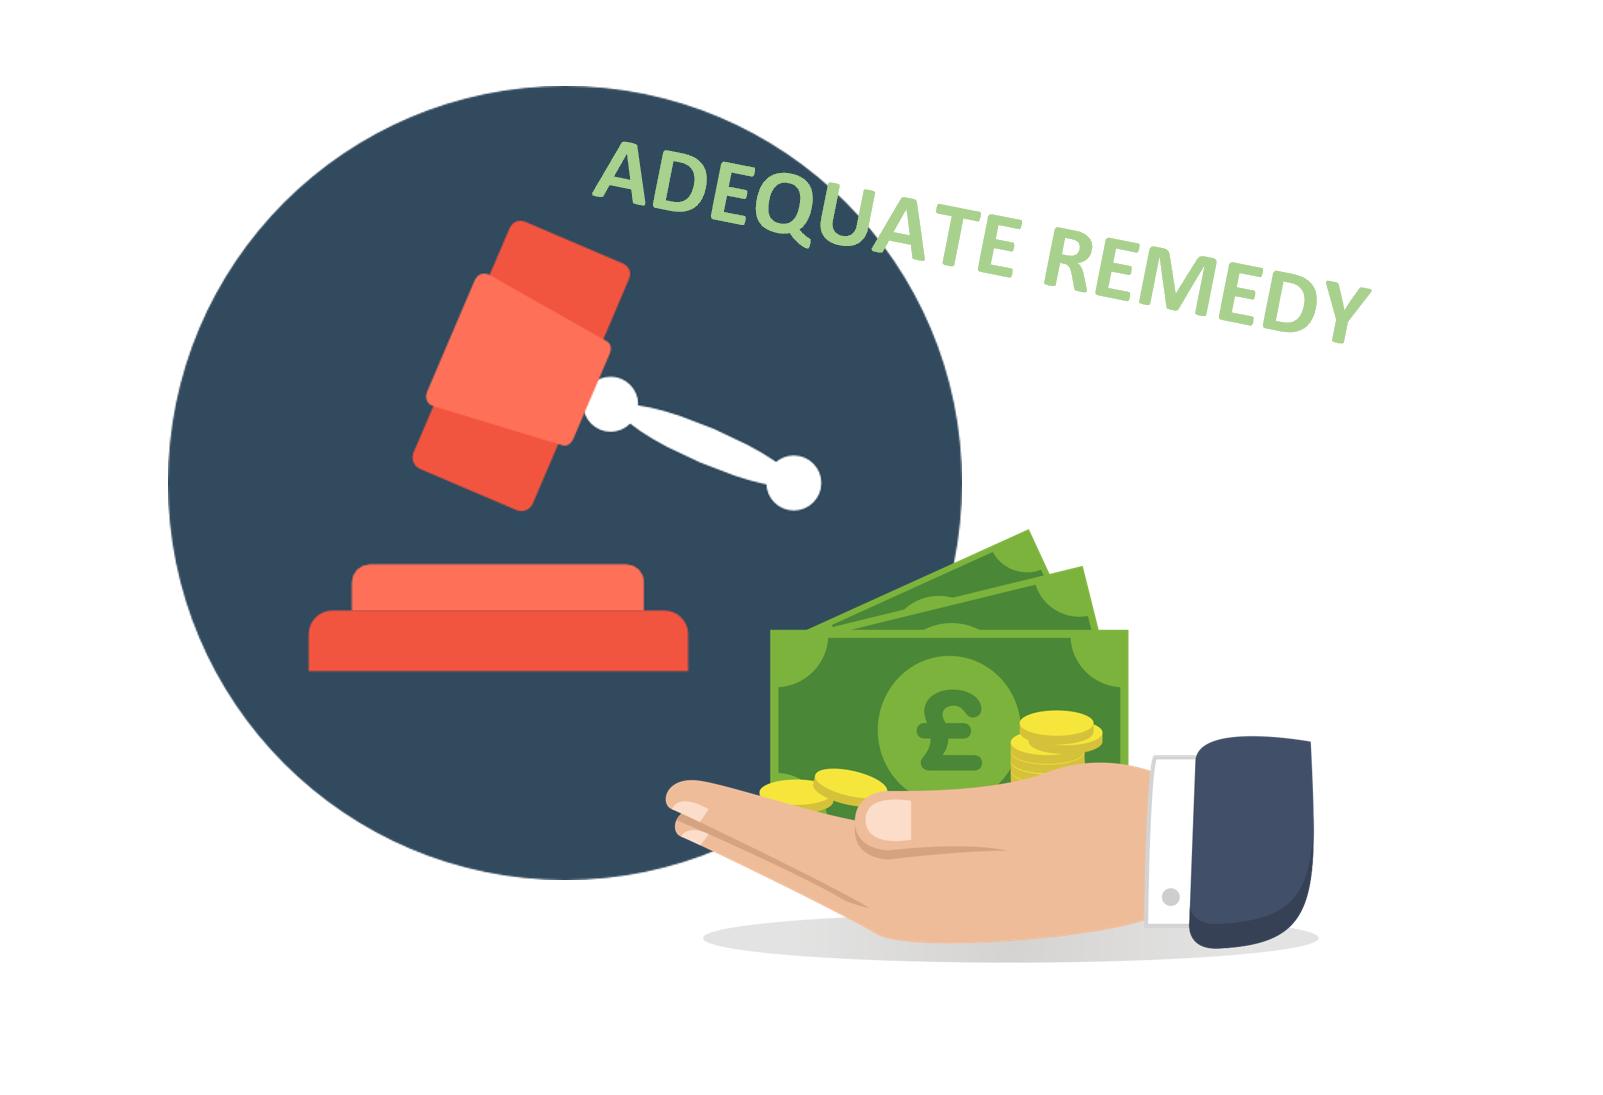 Adequate Remedy Wikipedia